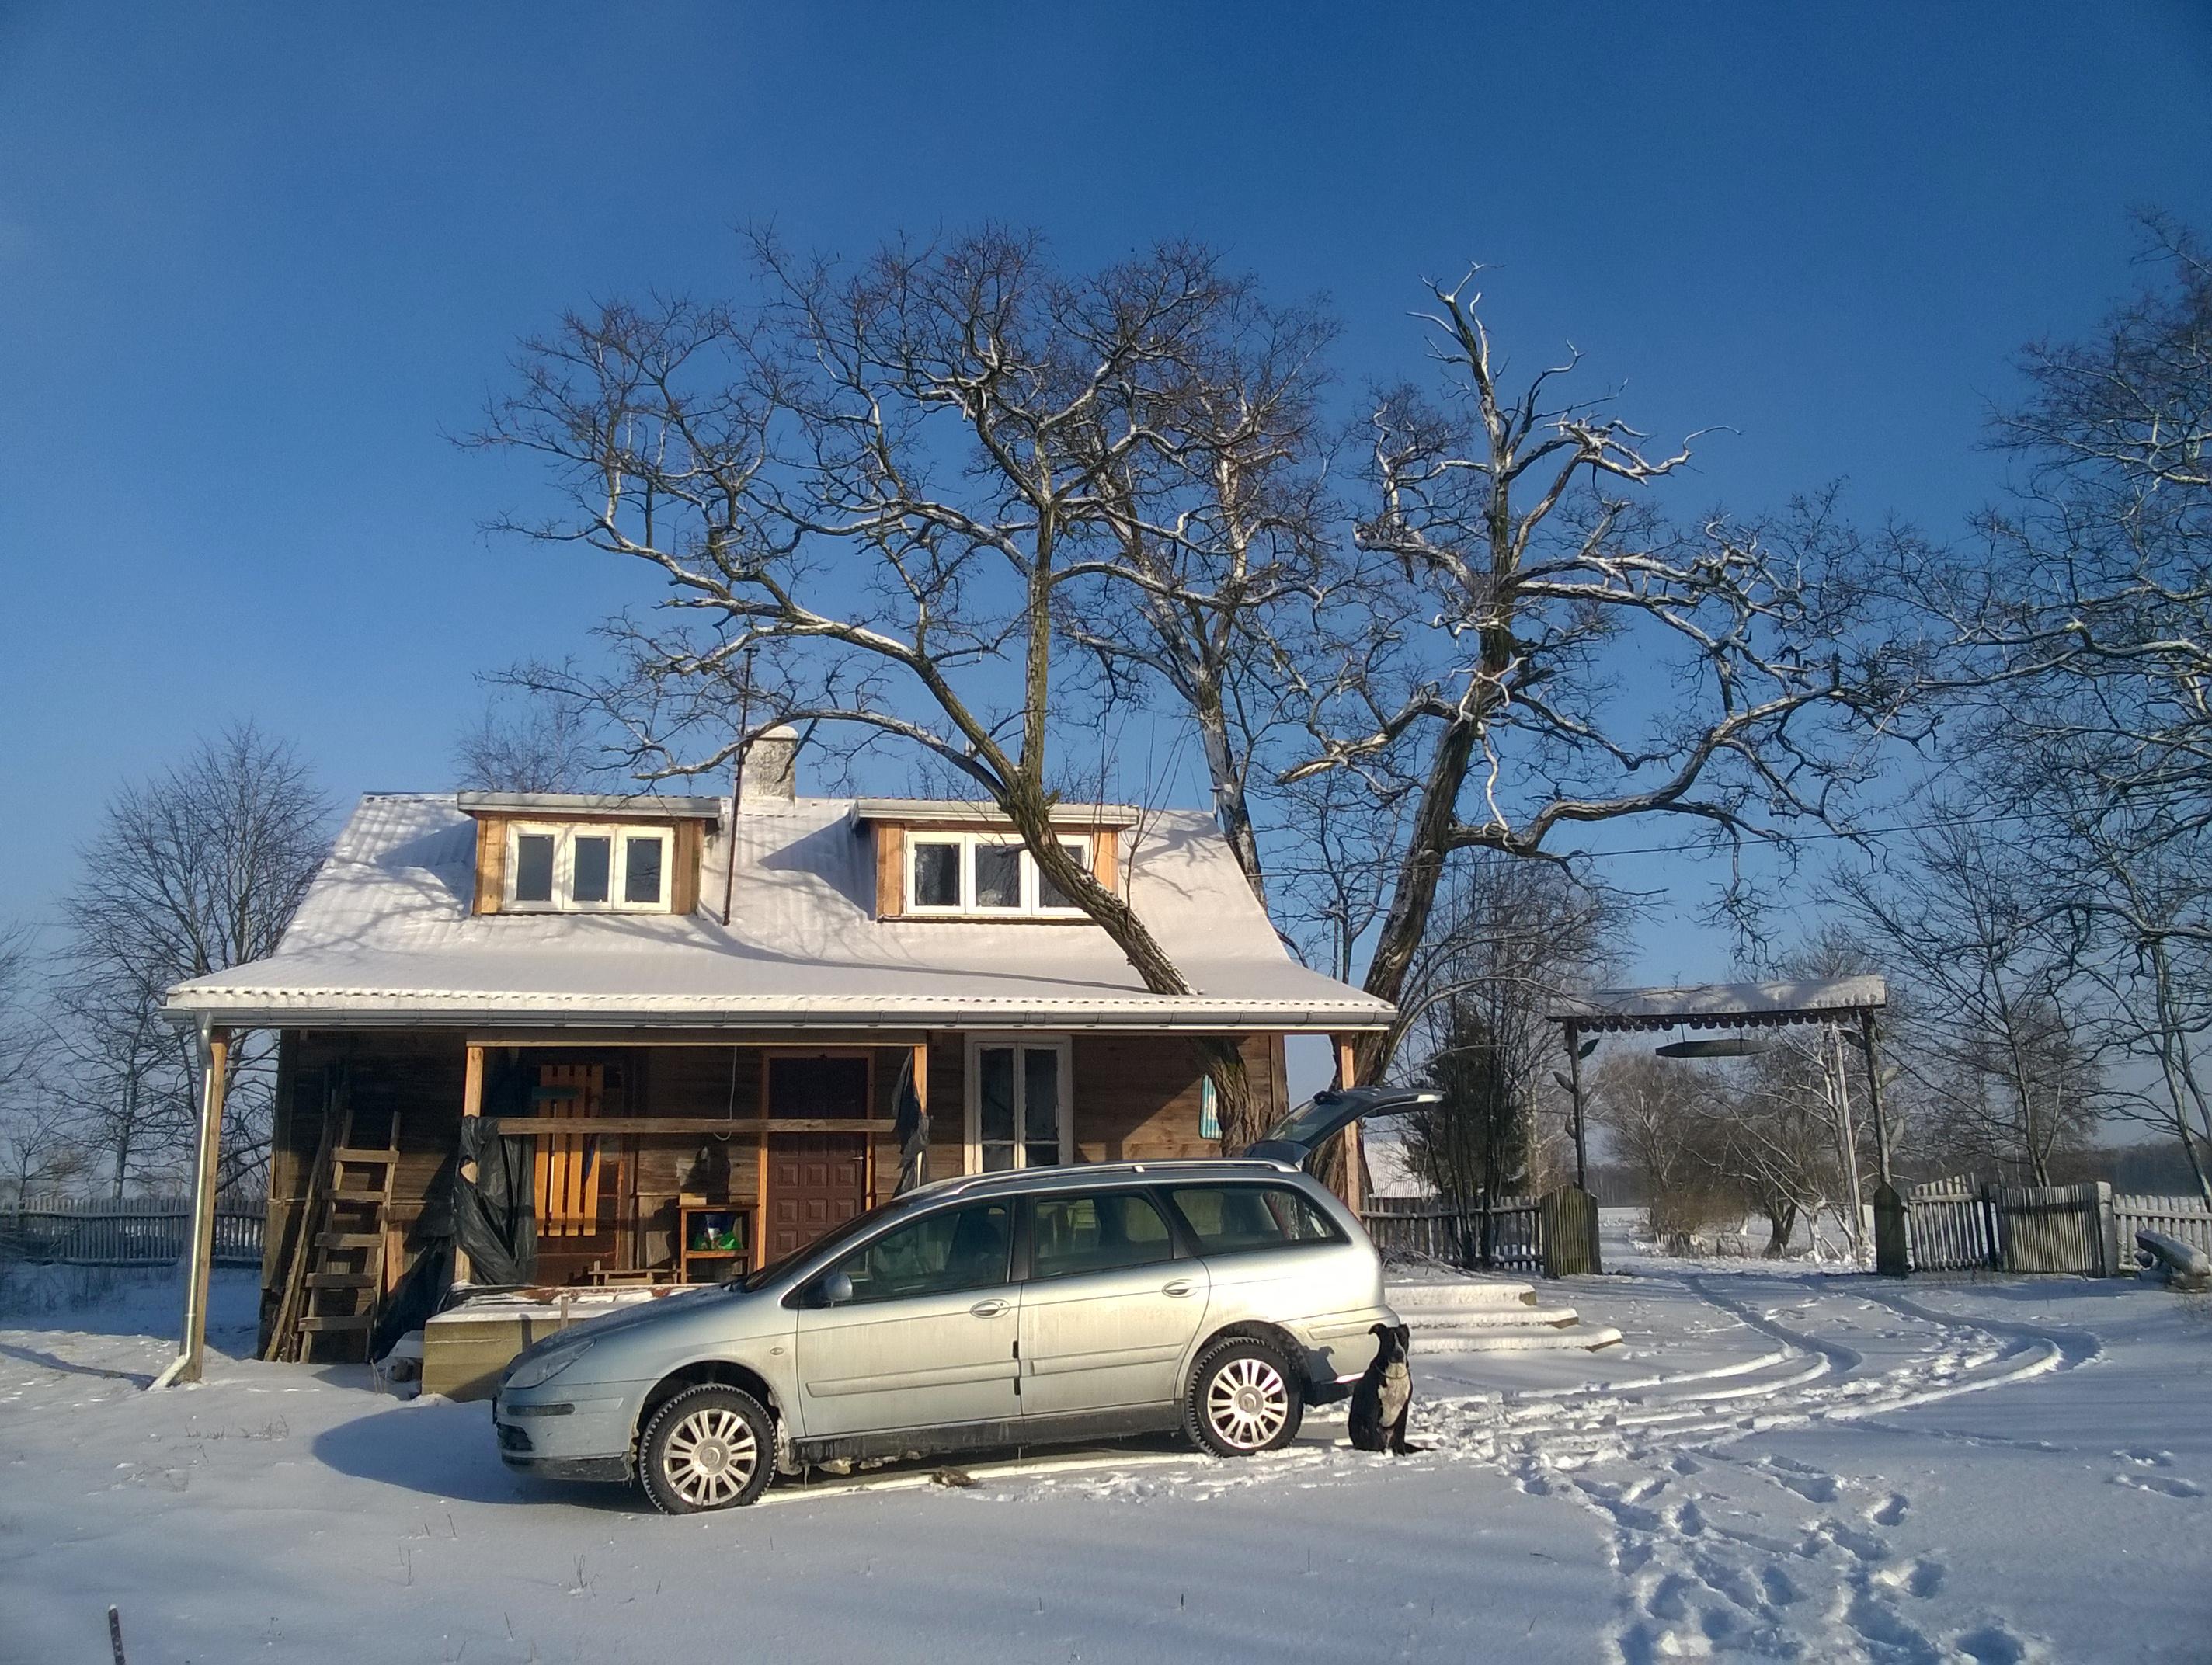 Wiejska chata zimą. Białe szaleństwo!